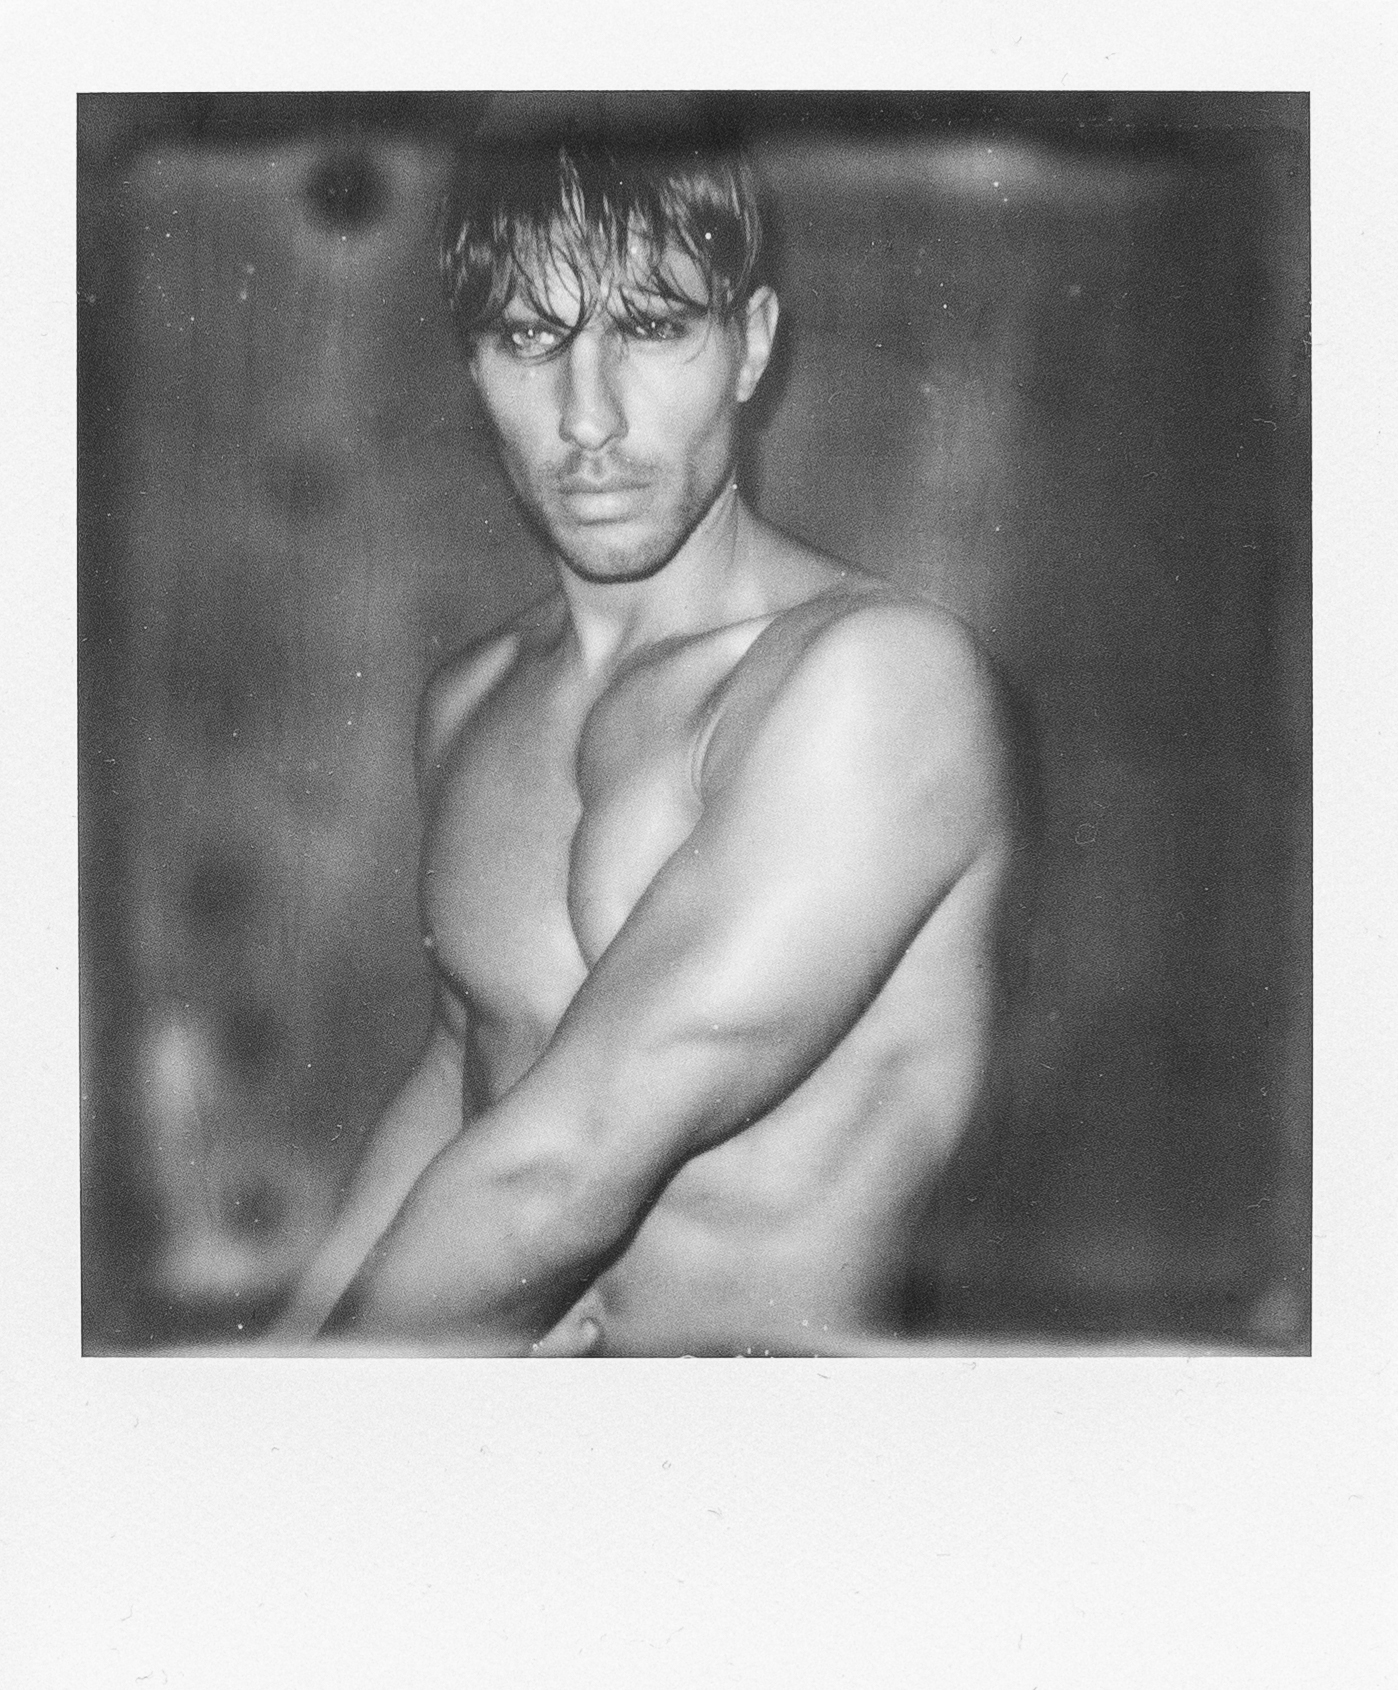 Tobias-polaroid.jpg